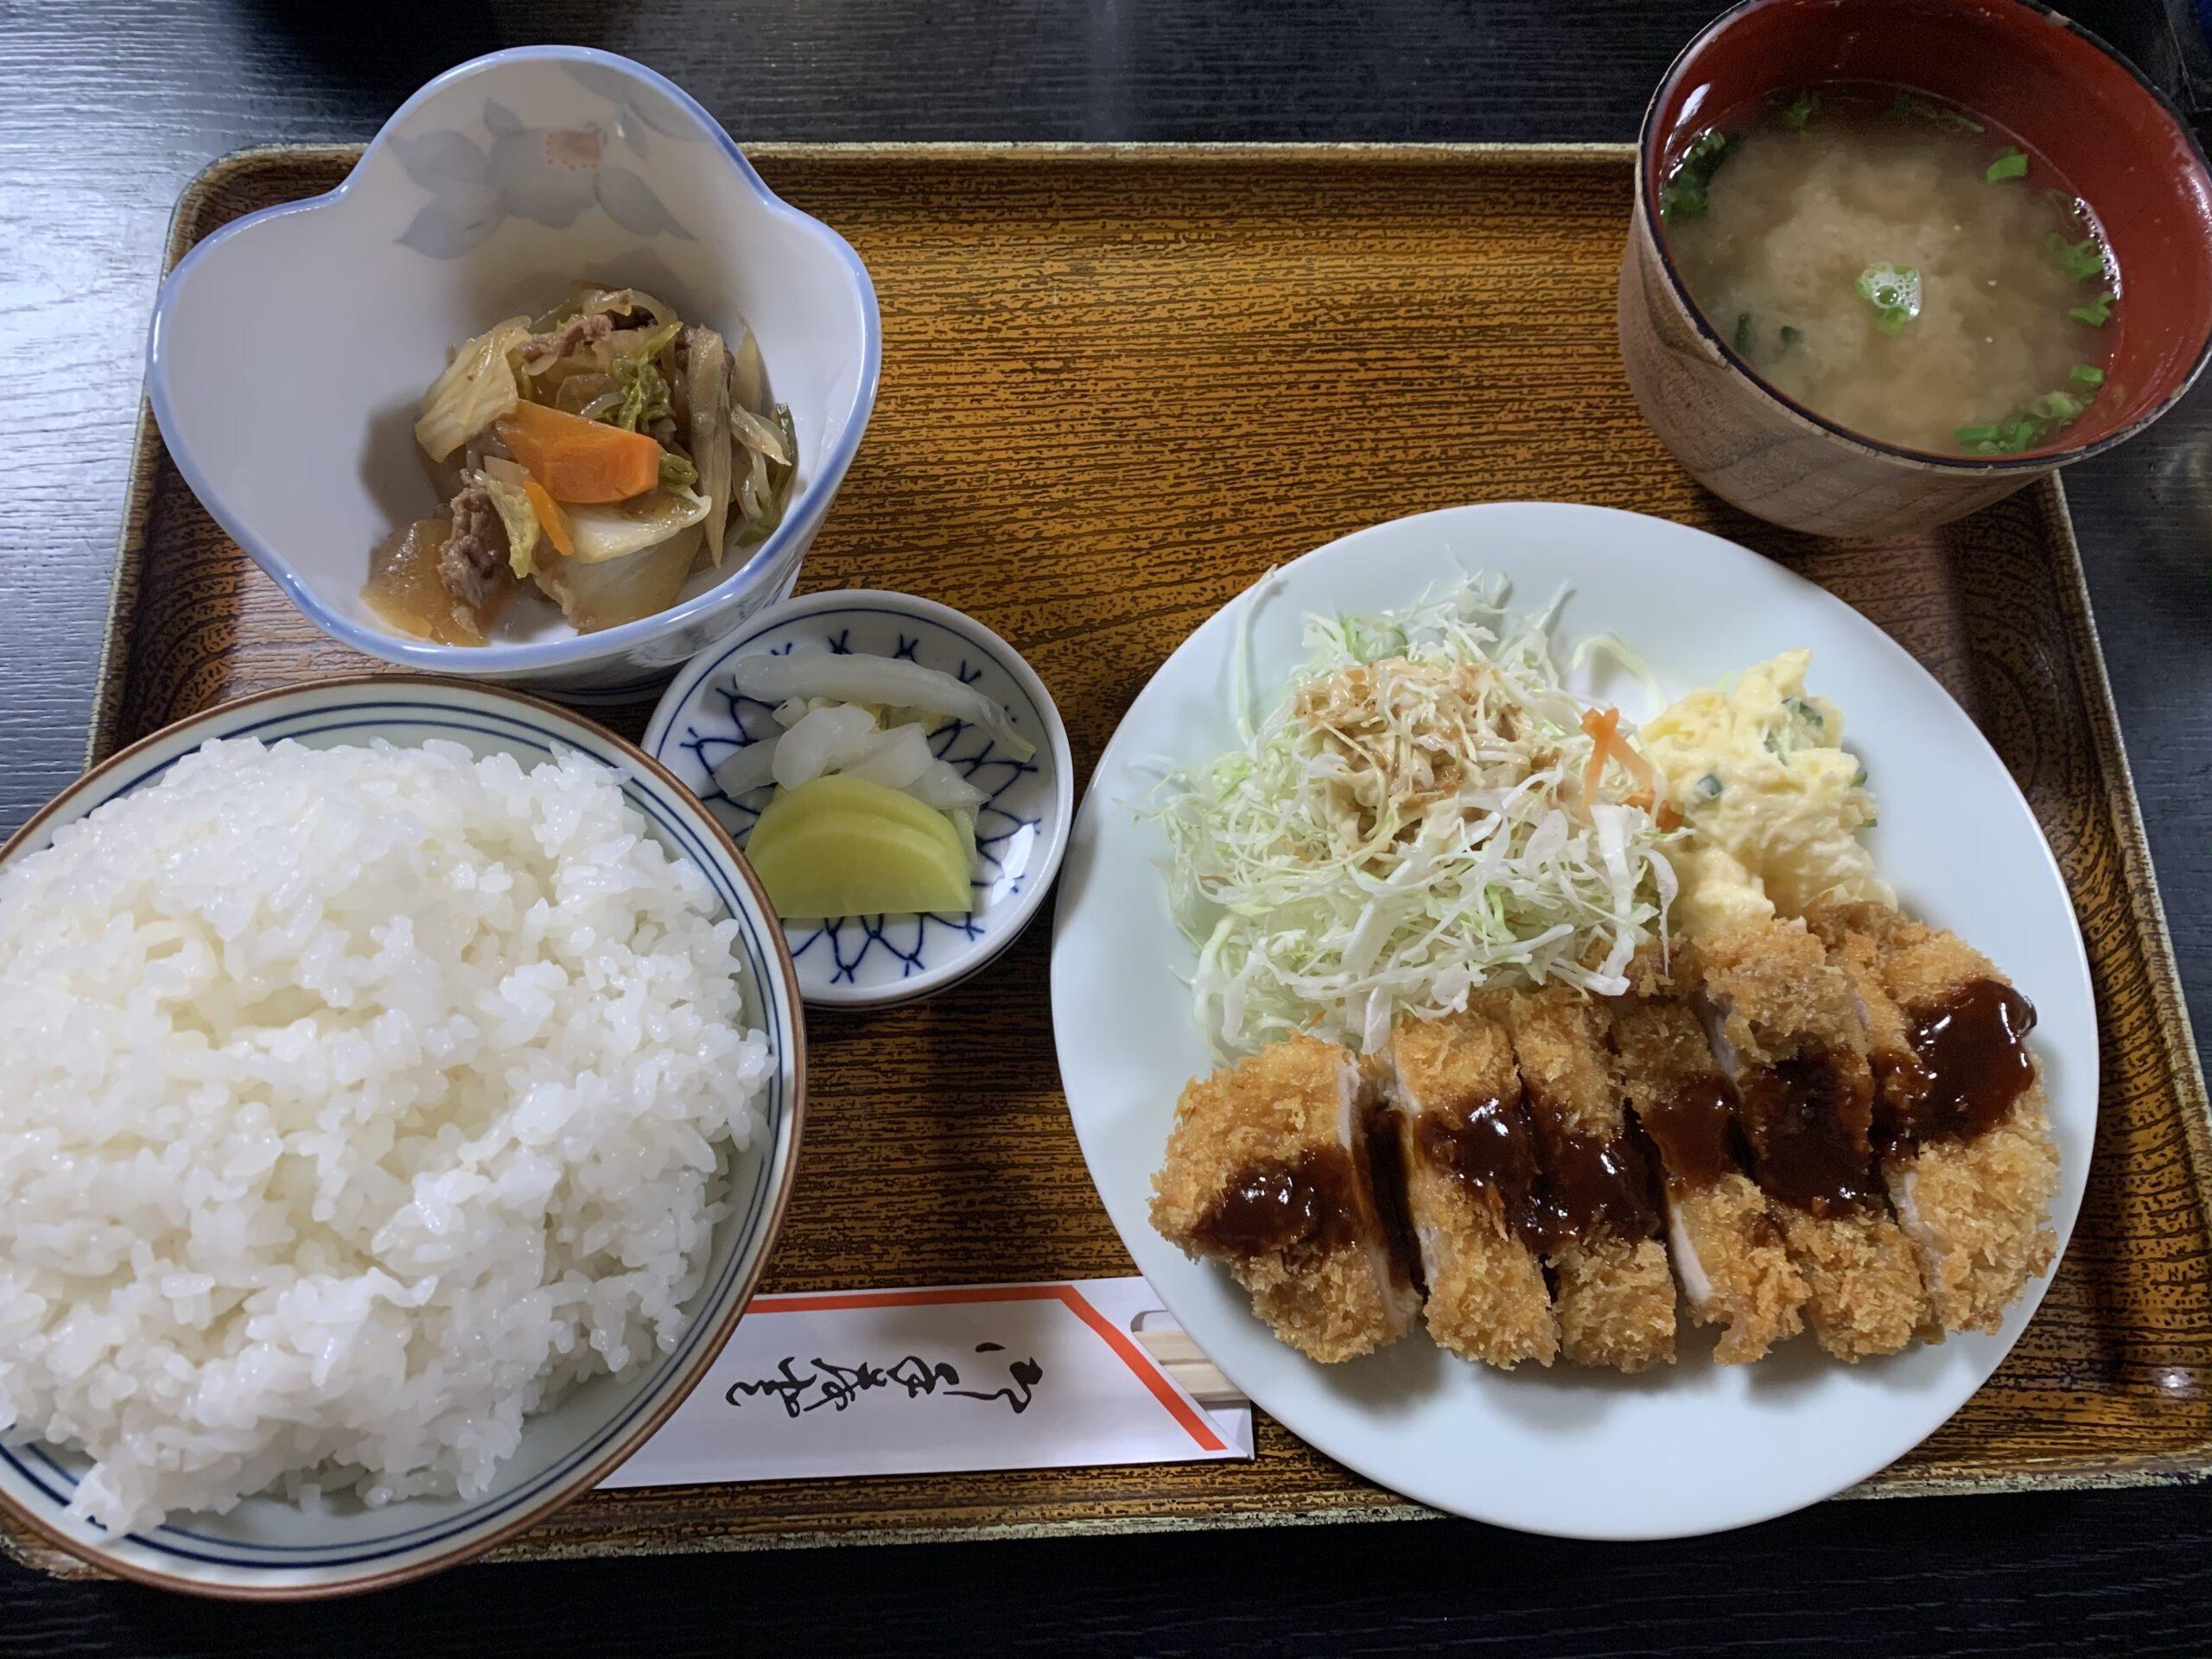 西予市宇和町で地元に愛されるお食事処「たちばな」で「日替わり定食」を食べてきたよ!